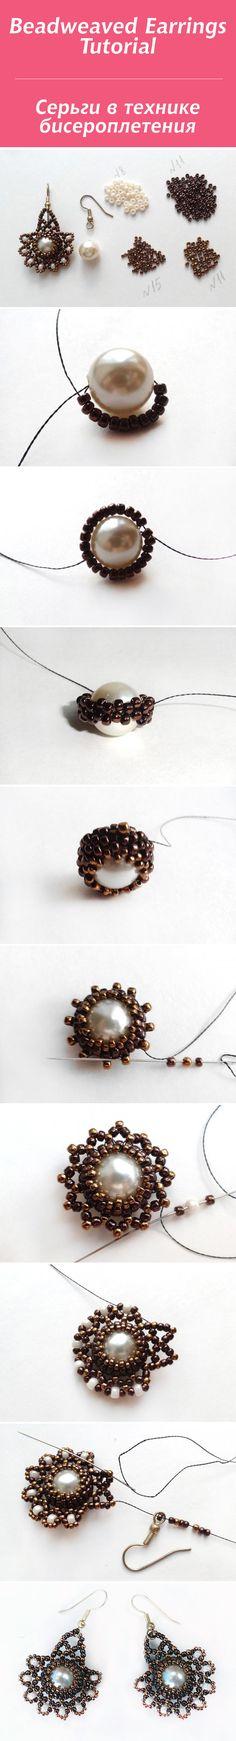 Создаем серьги в технике бисероплетения / Beadweaved Earrings Tutorial